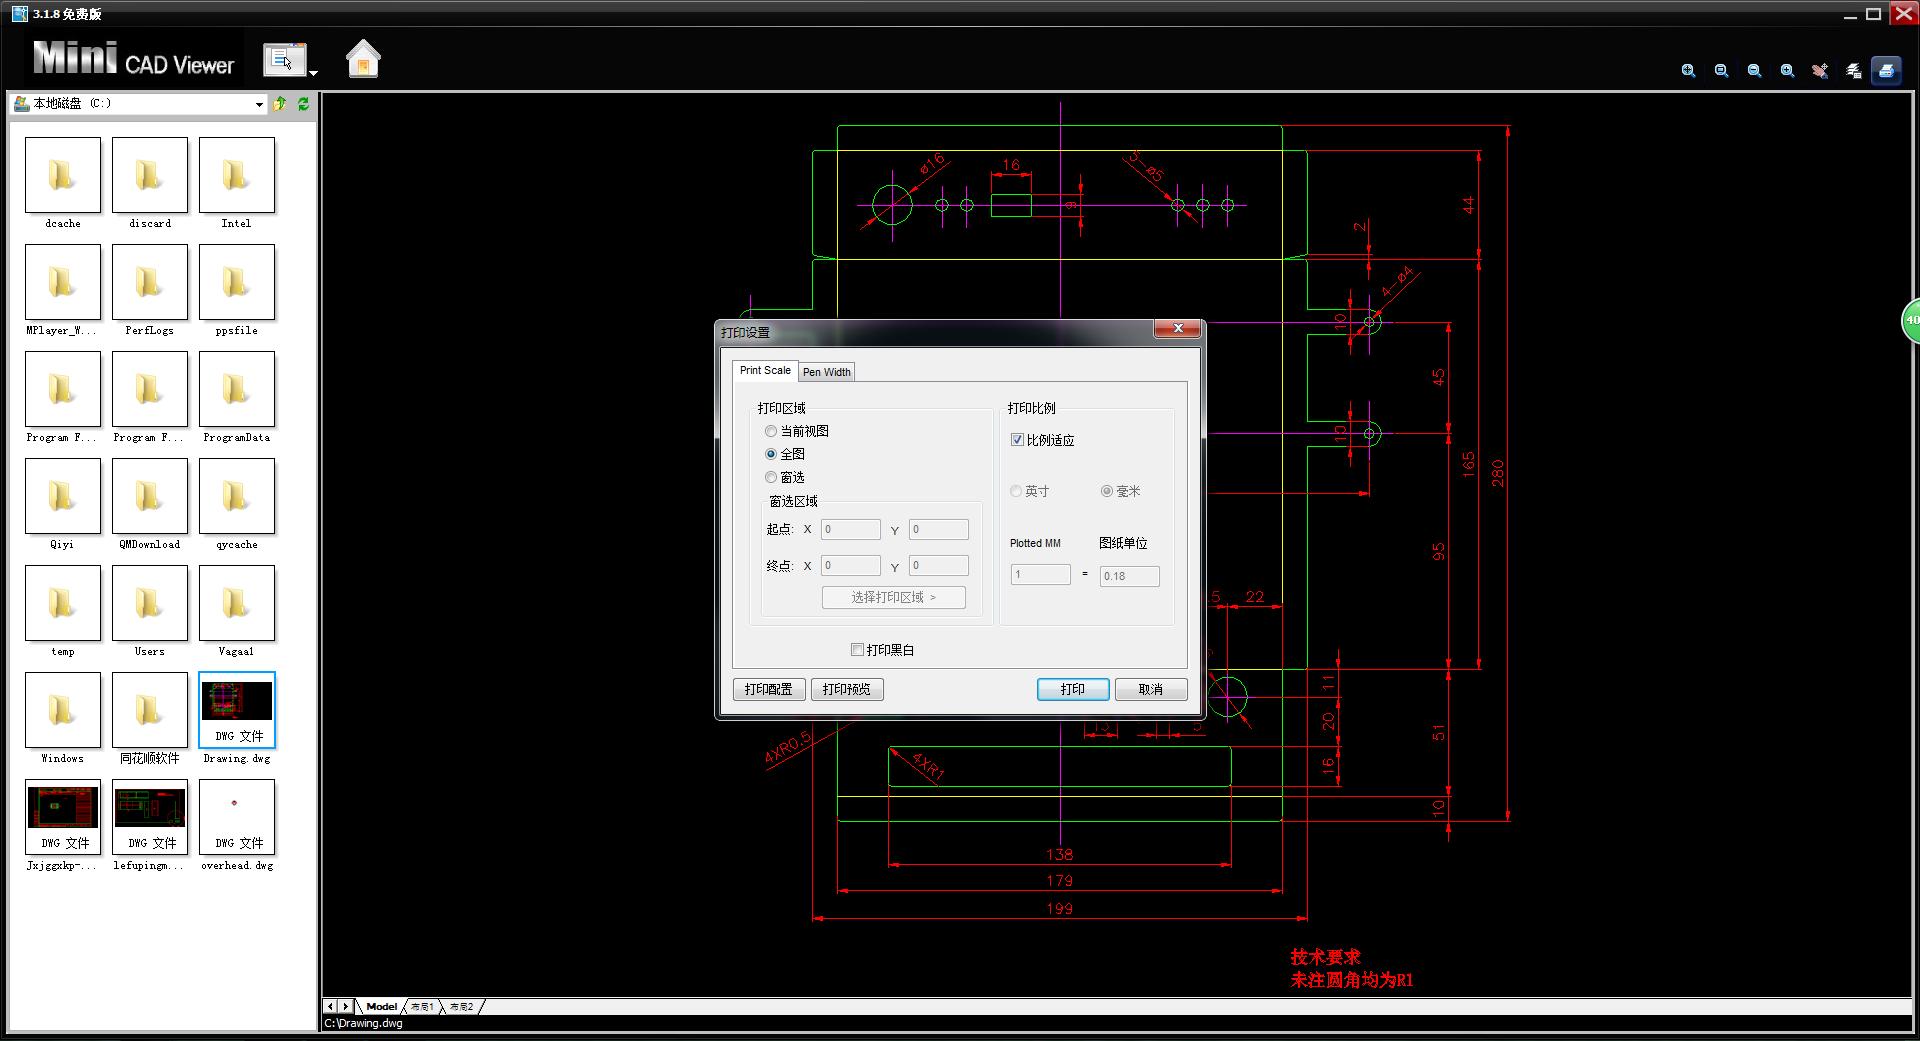 迷你CAD图纸查看器